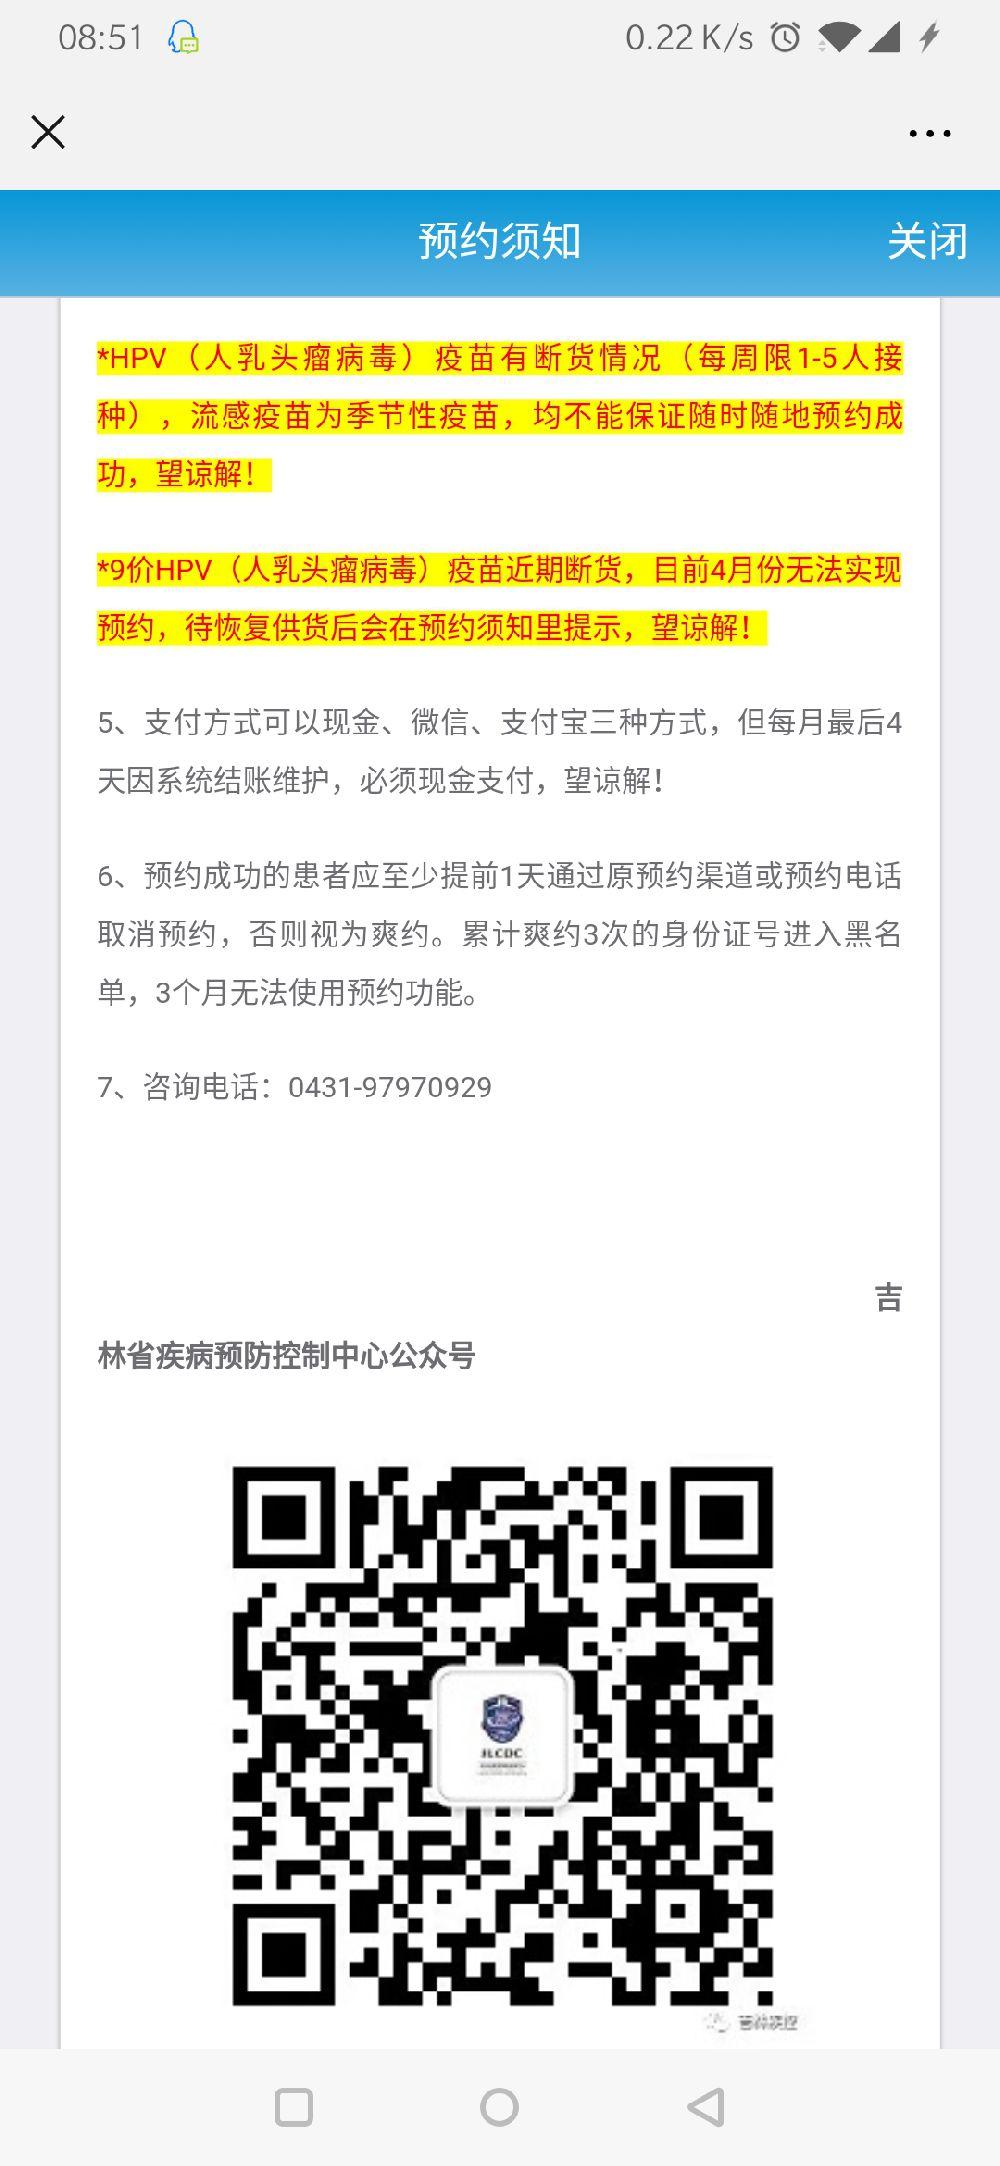 2019长春九价宫颈癌疫苗预约最新消息(持续更新)